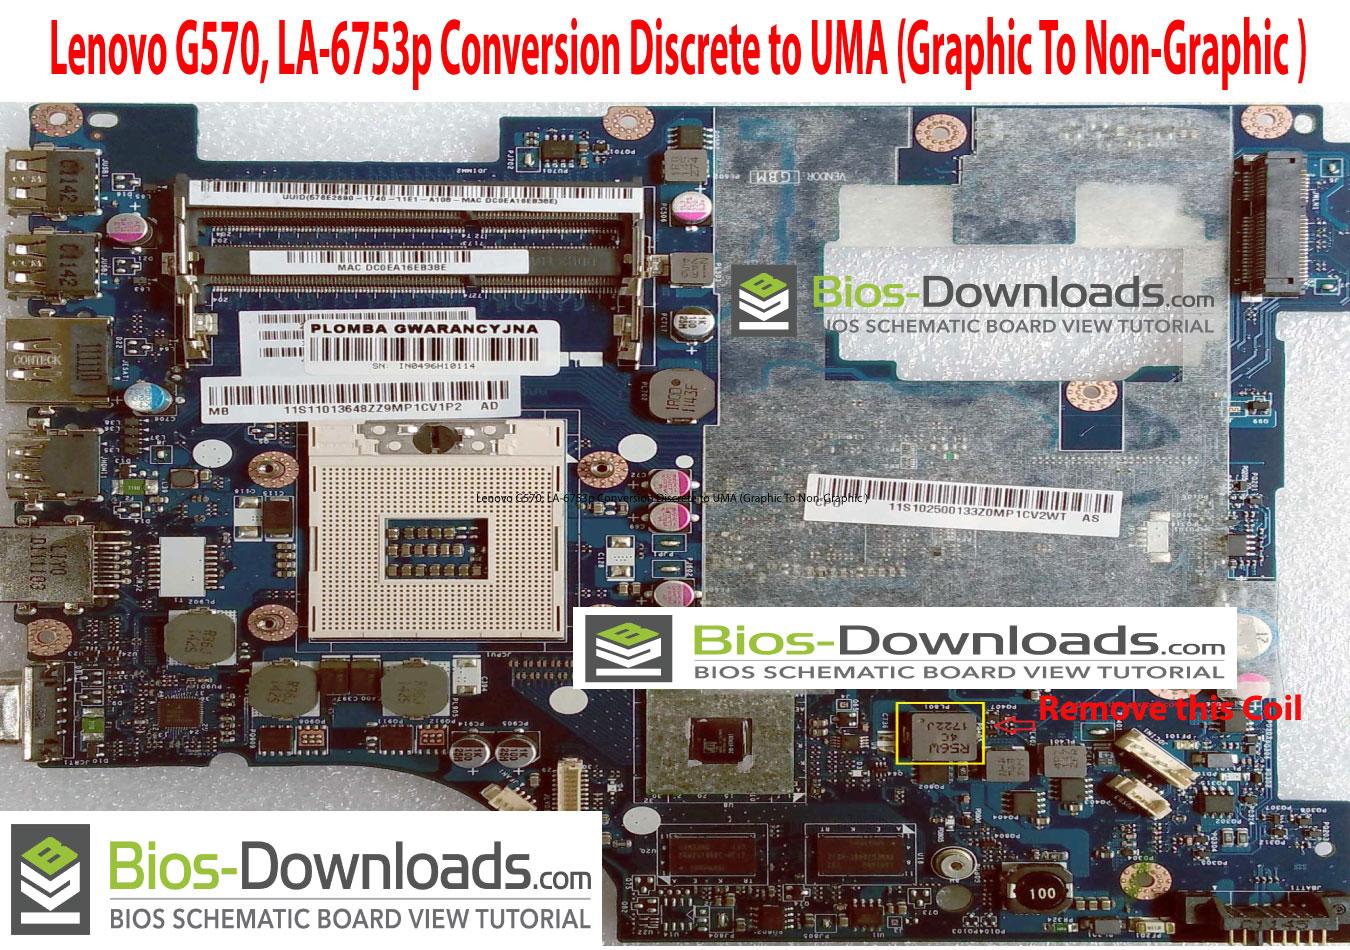 Lenovo G570, LA-6753p Conversion Discret to UMA (DIS TO UMA _Graphic